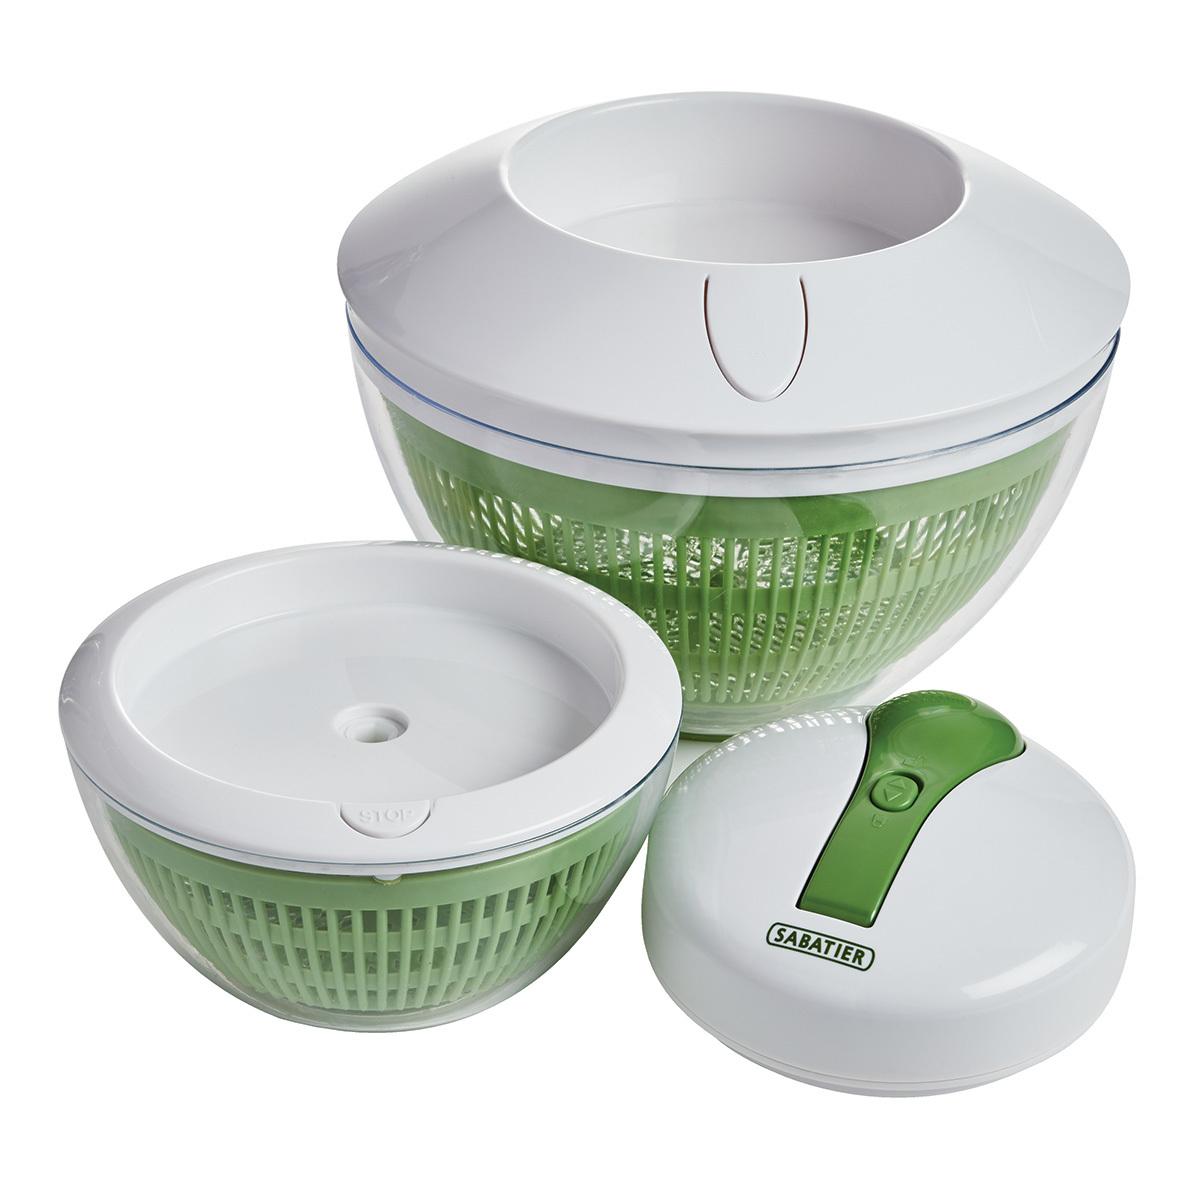 Sabatier 沙拉蔬果脫水器2件組